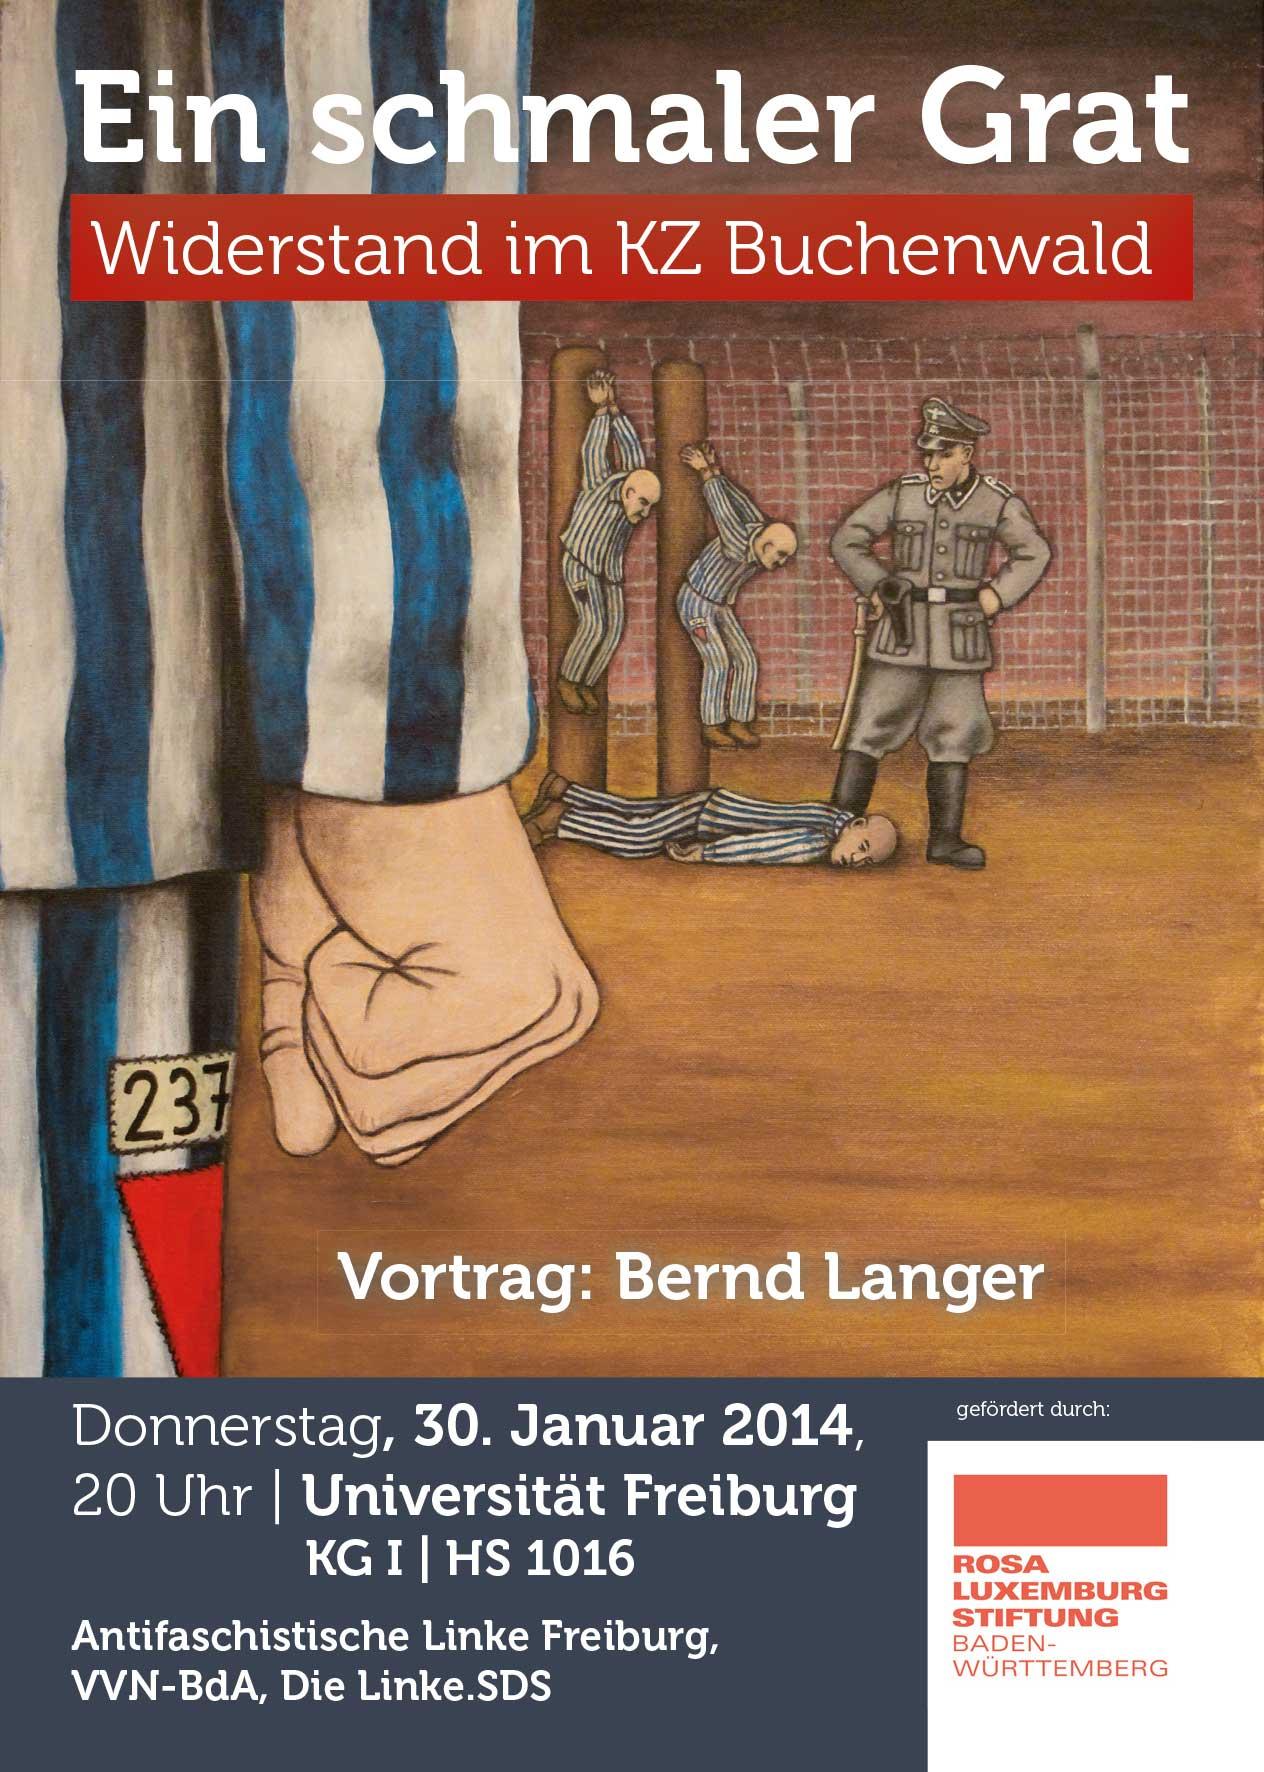 Veranstaltungen mit Bernd Langer